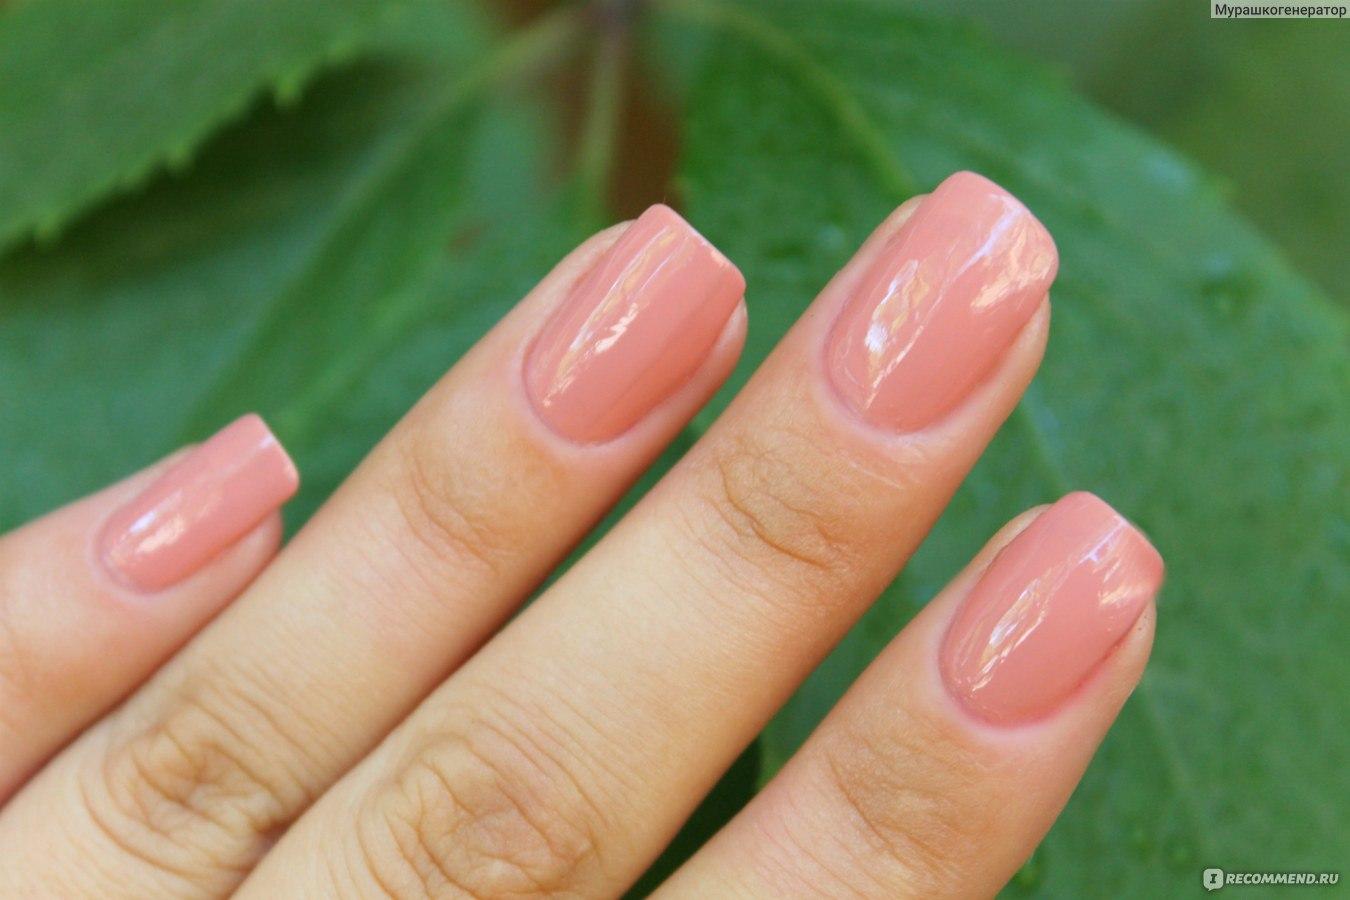 Цвет ногтей для загорелой кожи фото